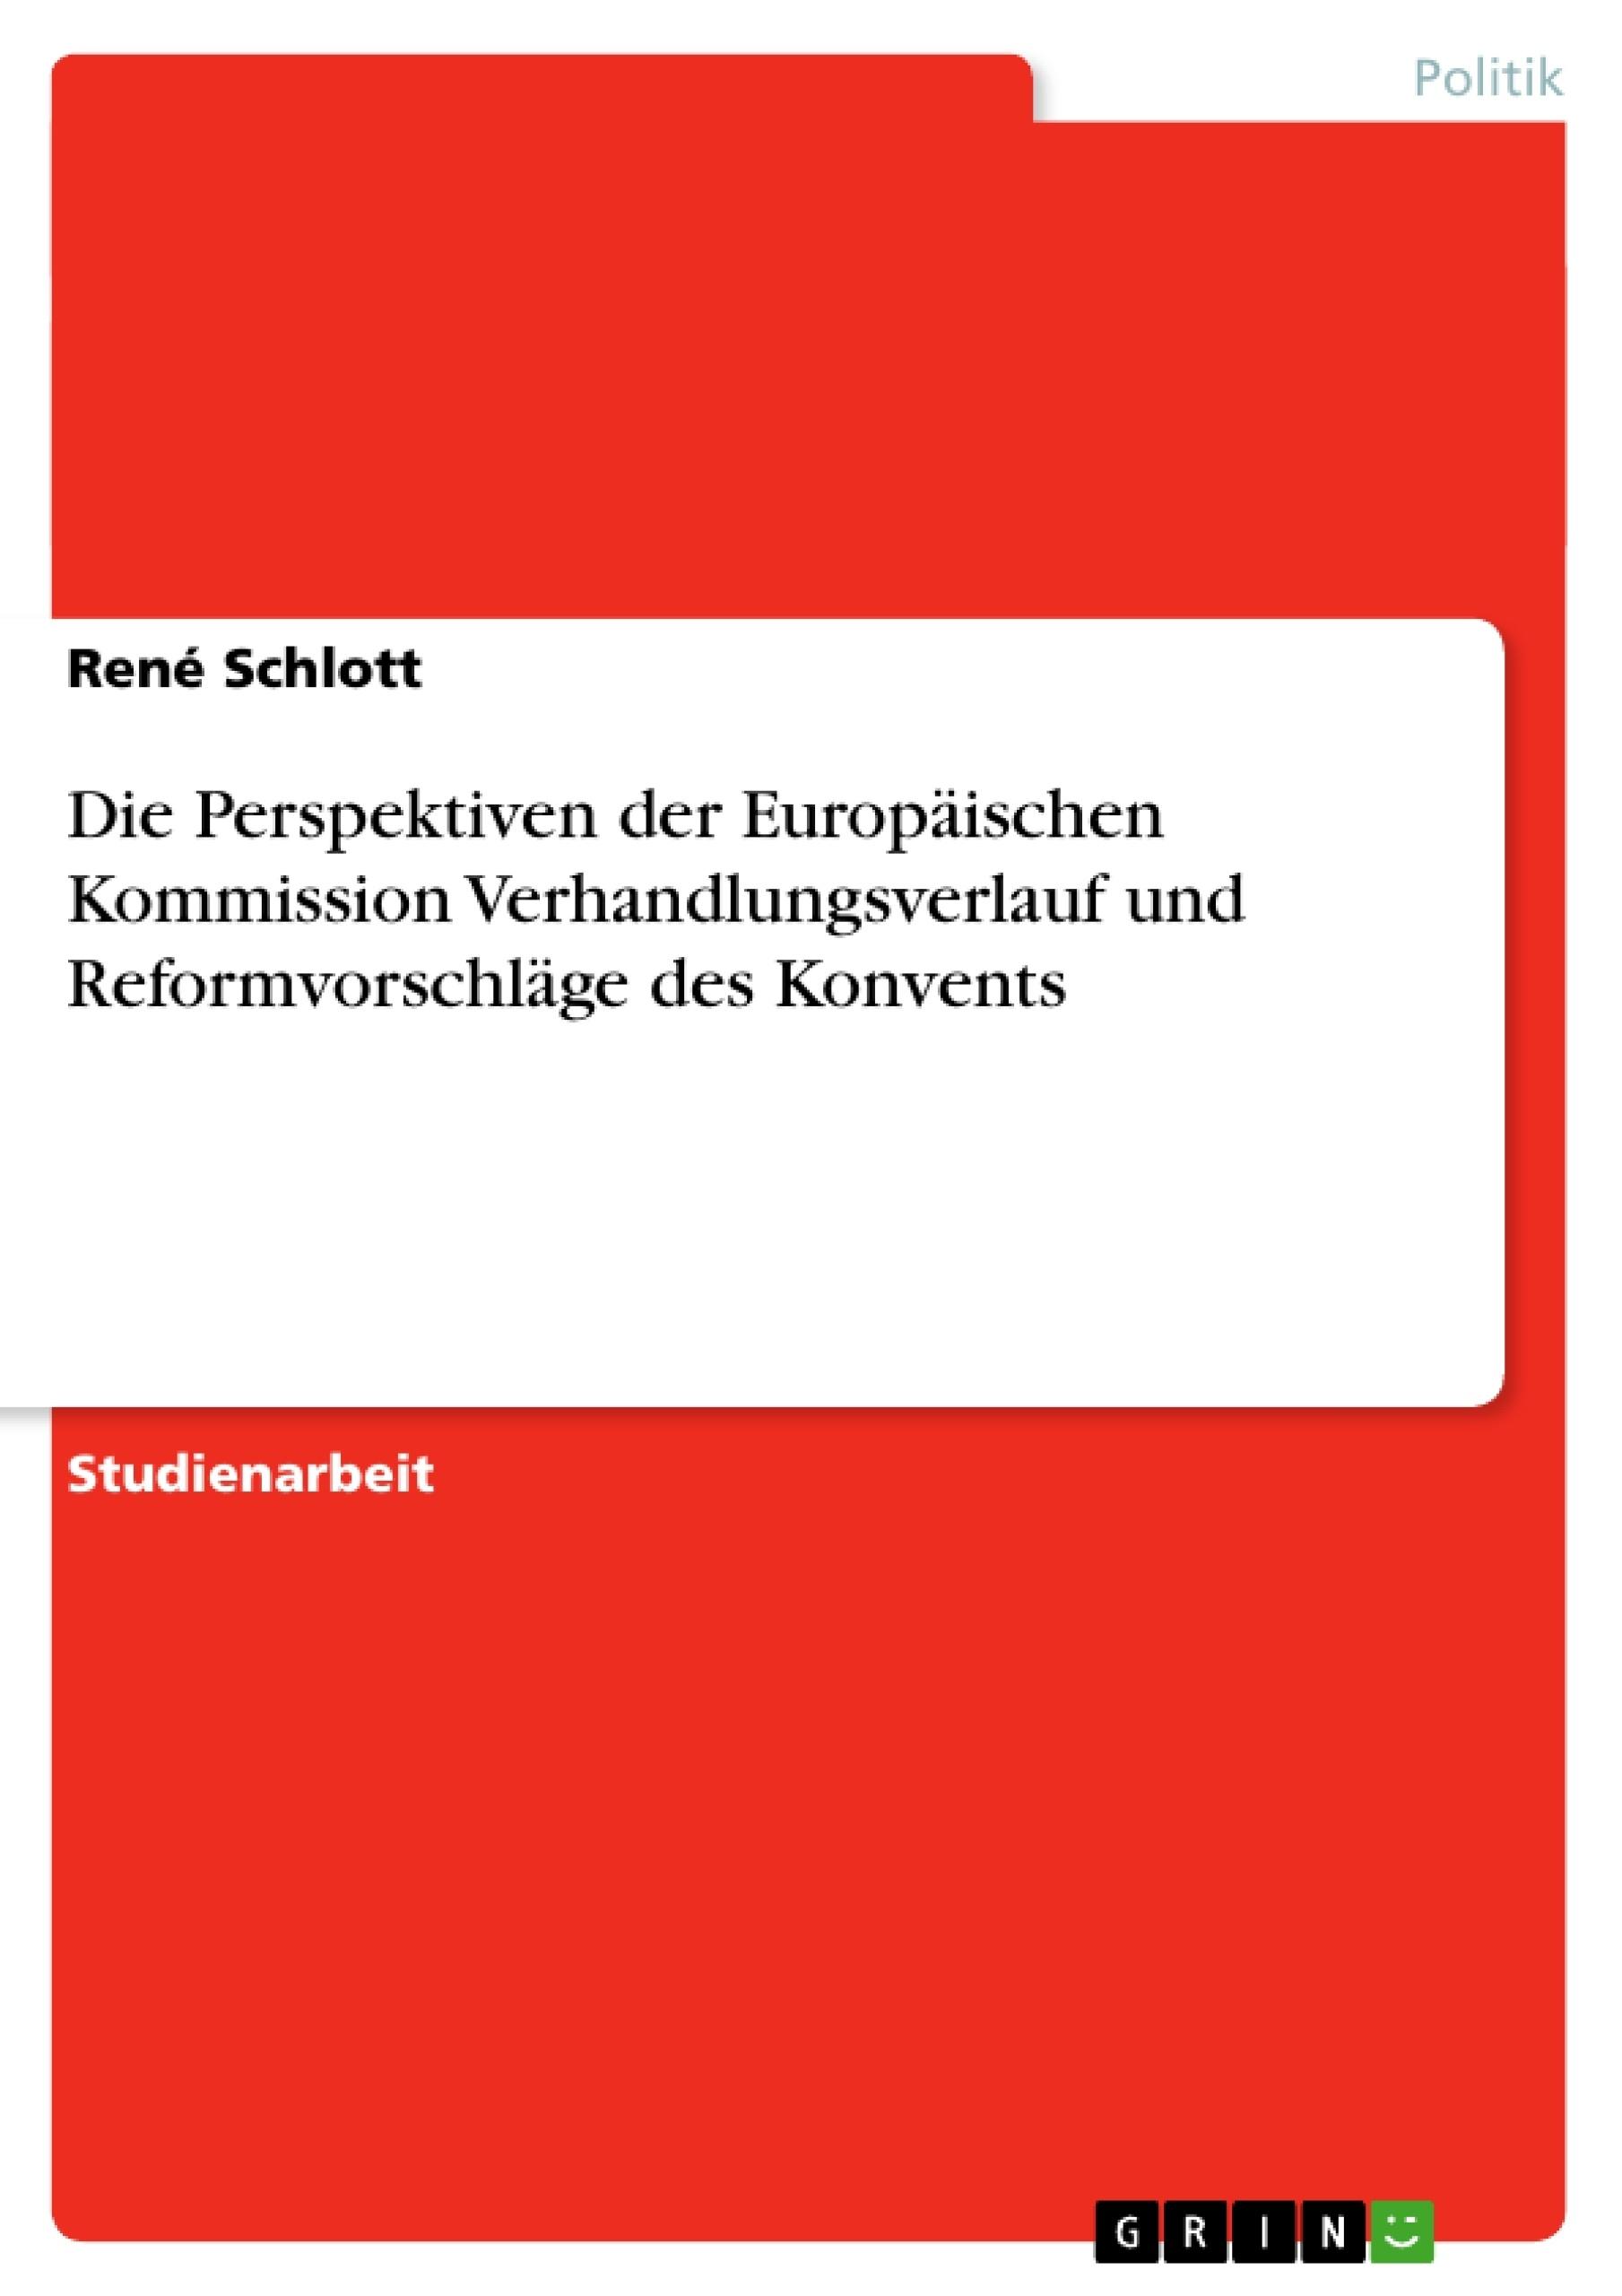 Titel: Die Perspektiven der Europäischen Kommission Verhandlungsverlauf und Reformvorschläge des Konvents